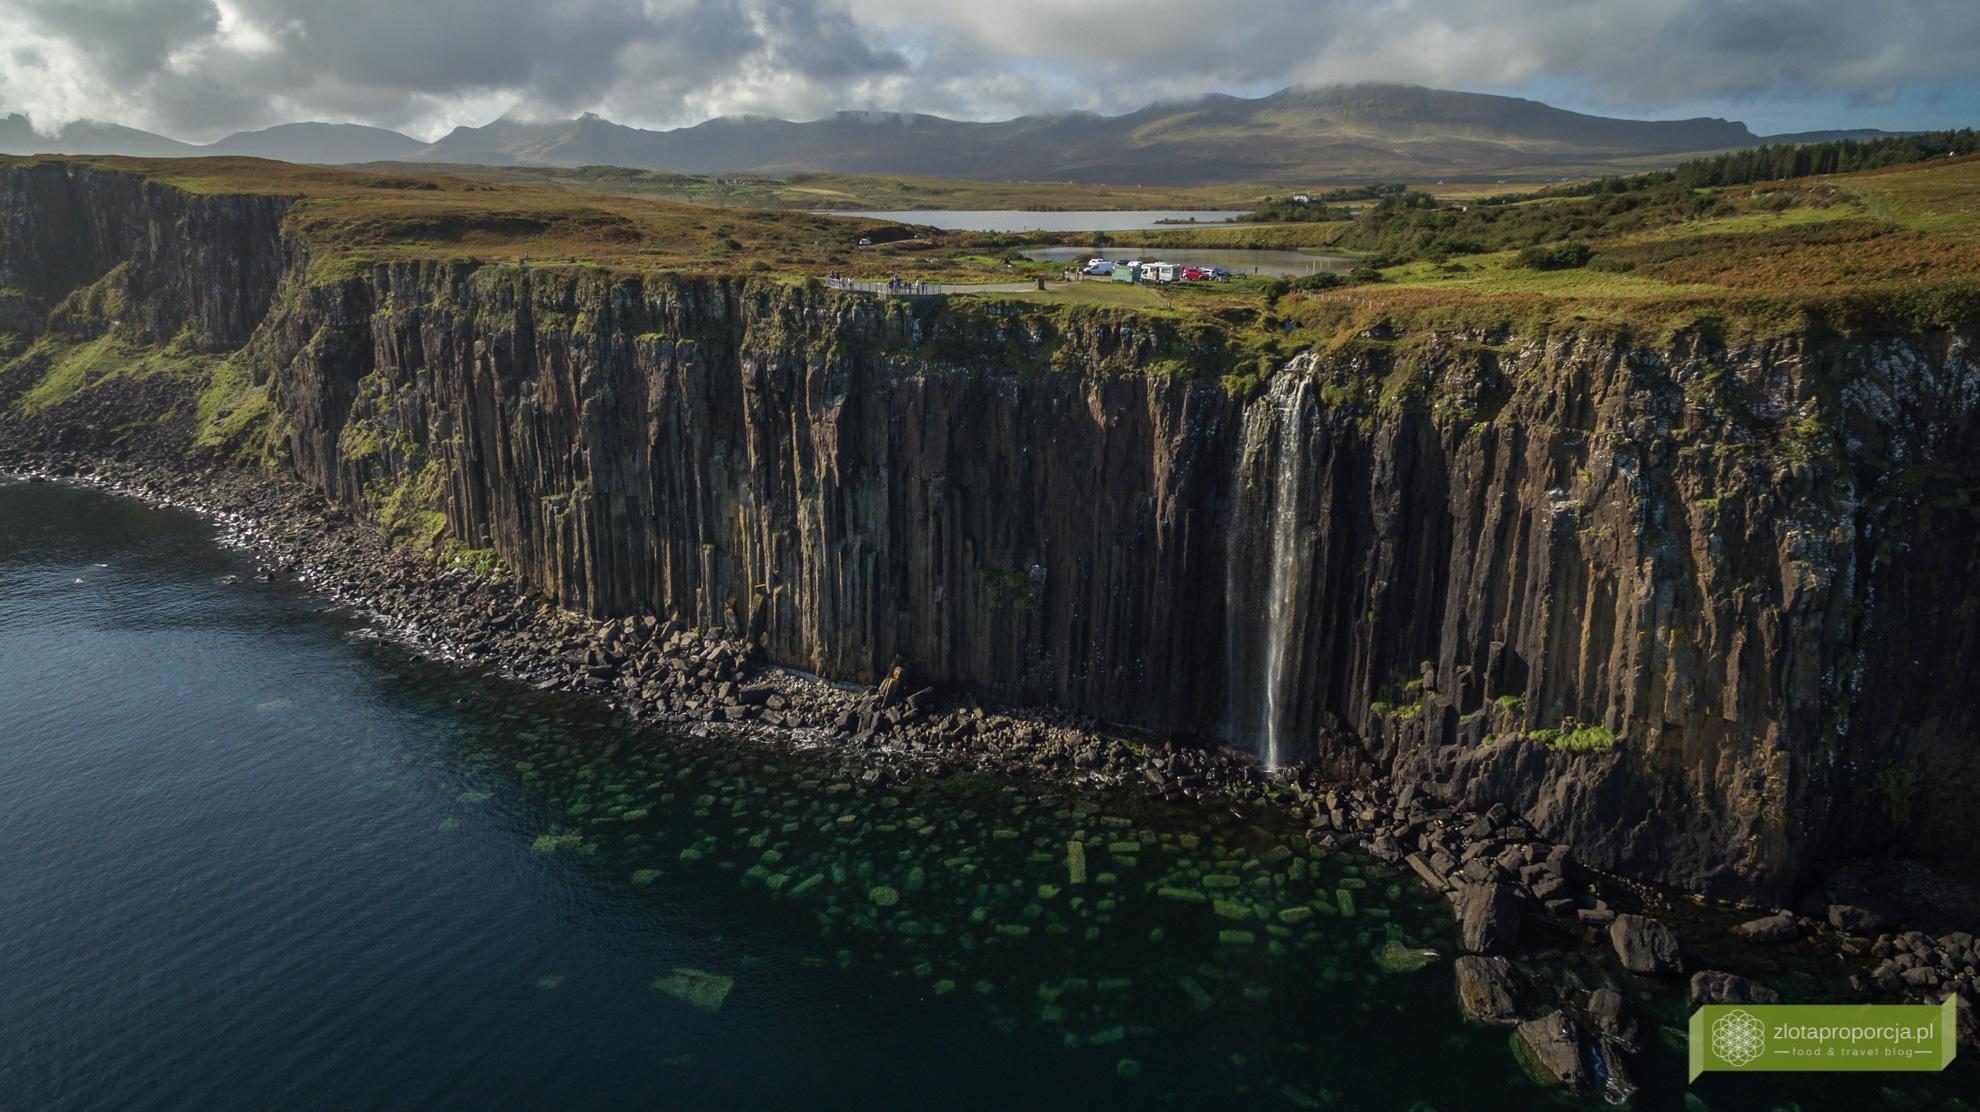 Kilt Rock, wodospad Mealt Falls, klify w Szkocji, Isle of Skye, Wyspa Skye, atrakcje Szkocji, atrakcje Wyspy Skye